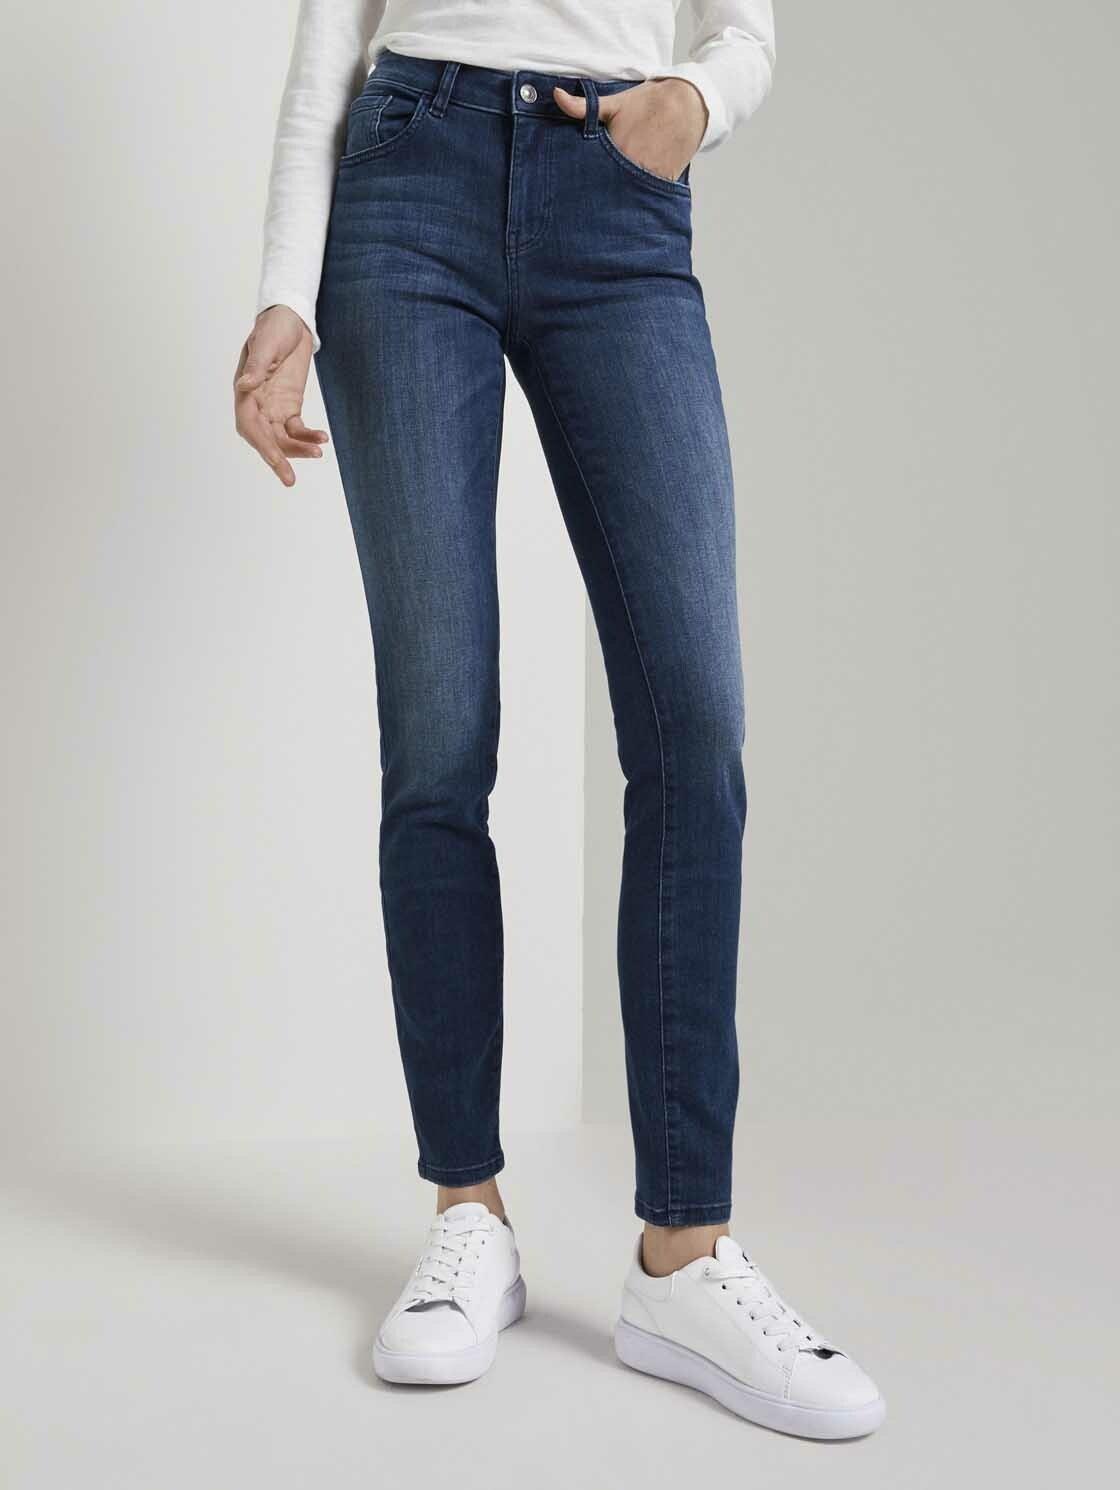 Op zoek naar een Tom Tailor slim fit jeans »Alexa Slim Jeans«? Koop online bij OTTO